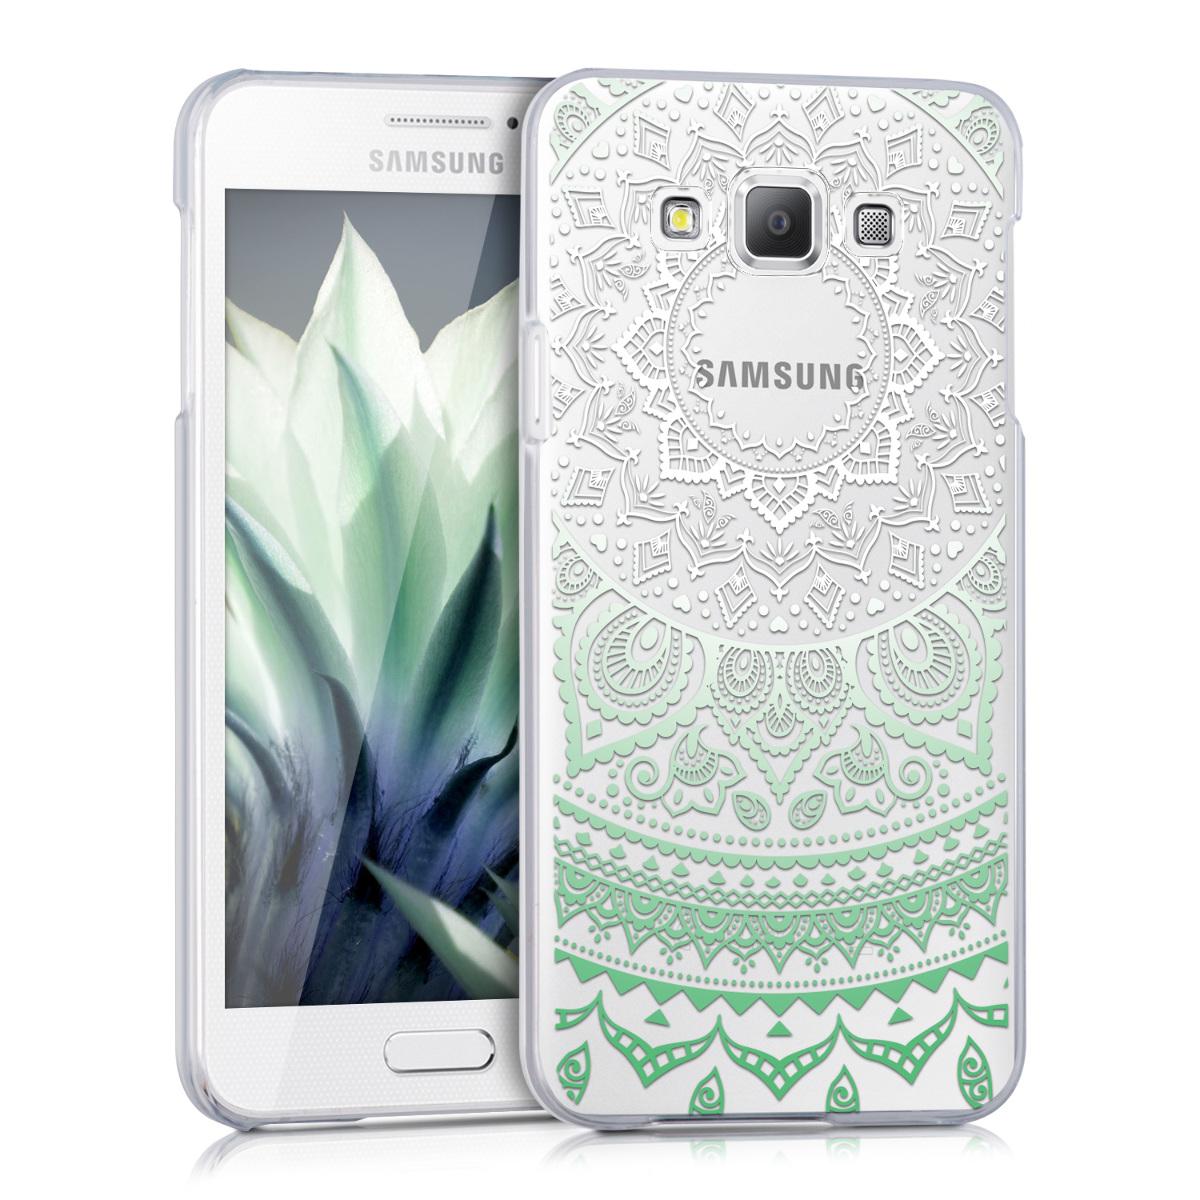 Kvalitní plastové pouzdro pro Samsung A3 (2015) - indické slunce mint zelené / bílé / transparentní